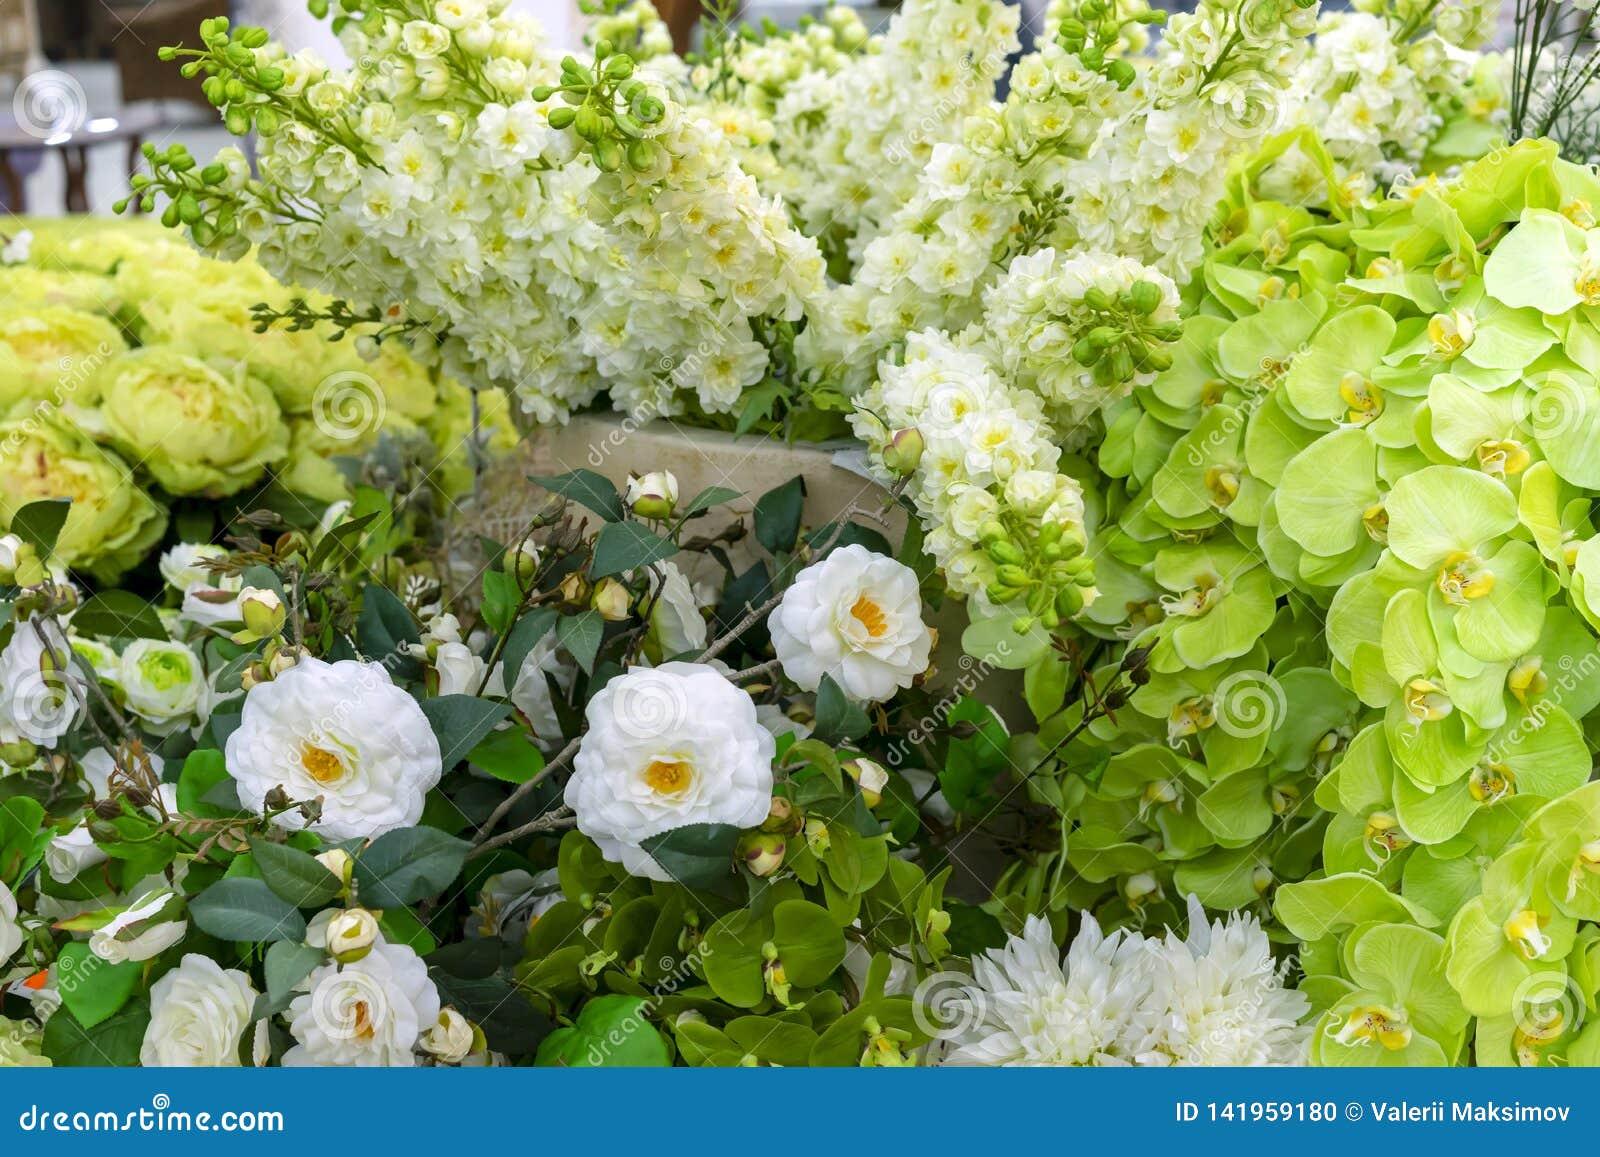 Witte en groene sierbloemen voor feestelijke decoratie van binnenland